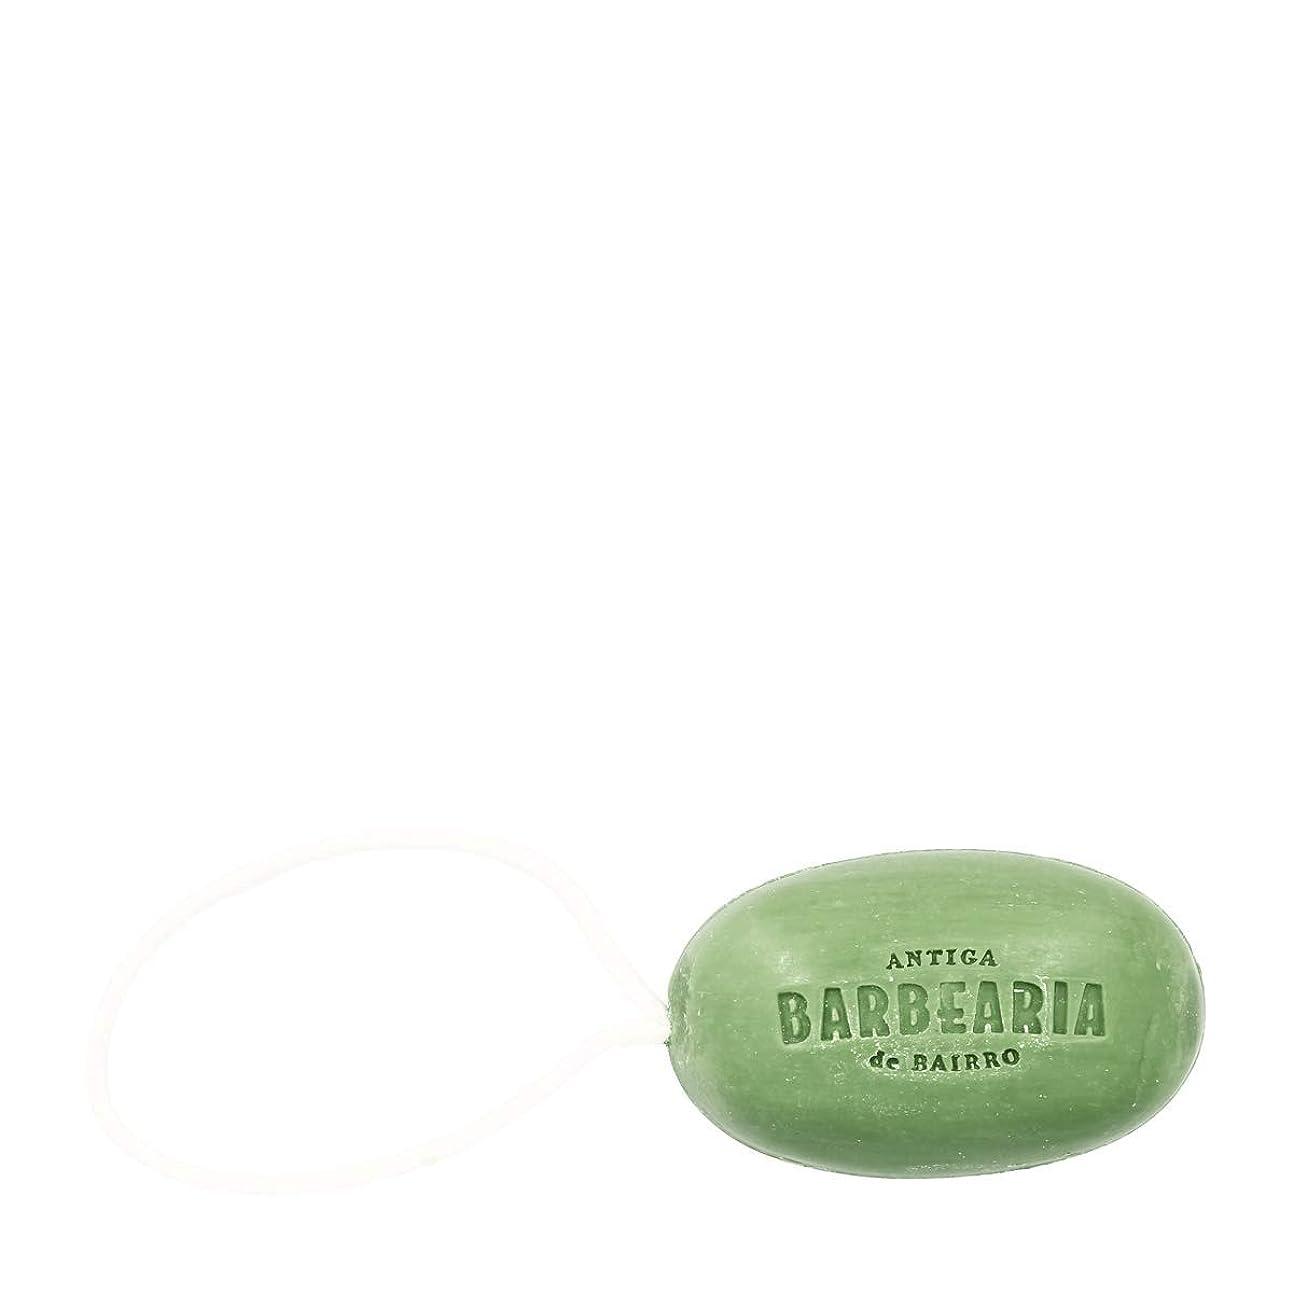 矢じりジョガー娯楽アンティガ?バーベリア(Antiga Barbearia de Bairro)プリンシペソープロープ350g[海外直送品] [並行輸入品]